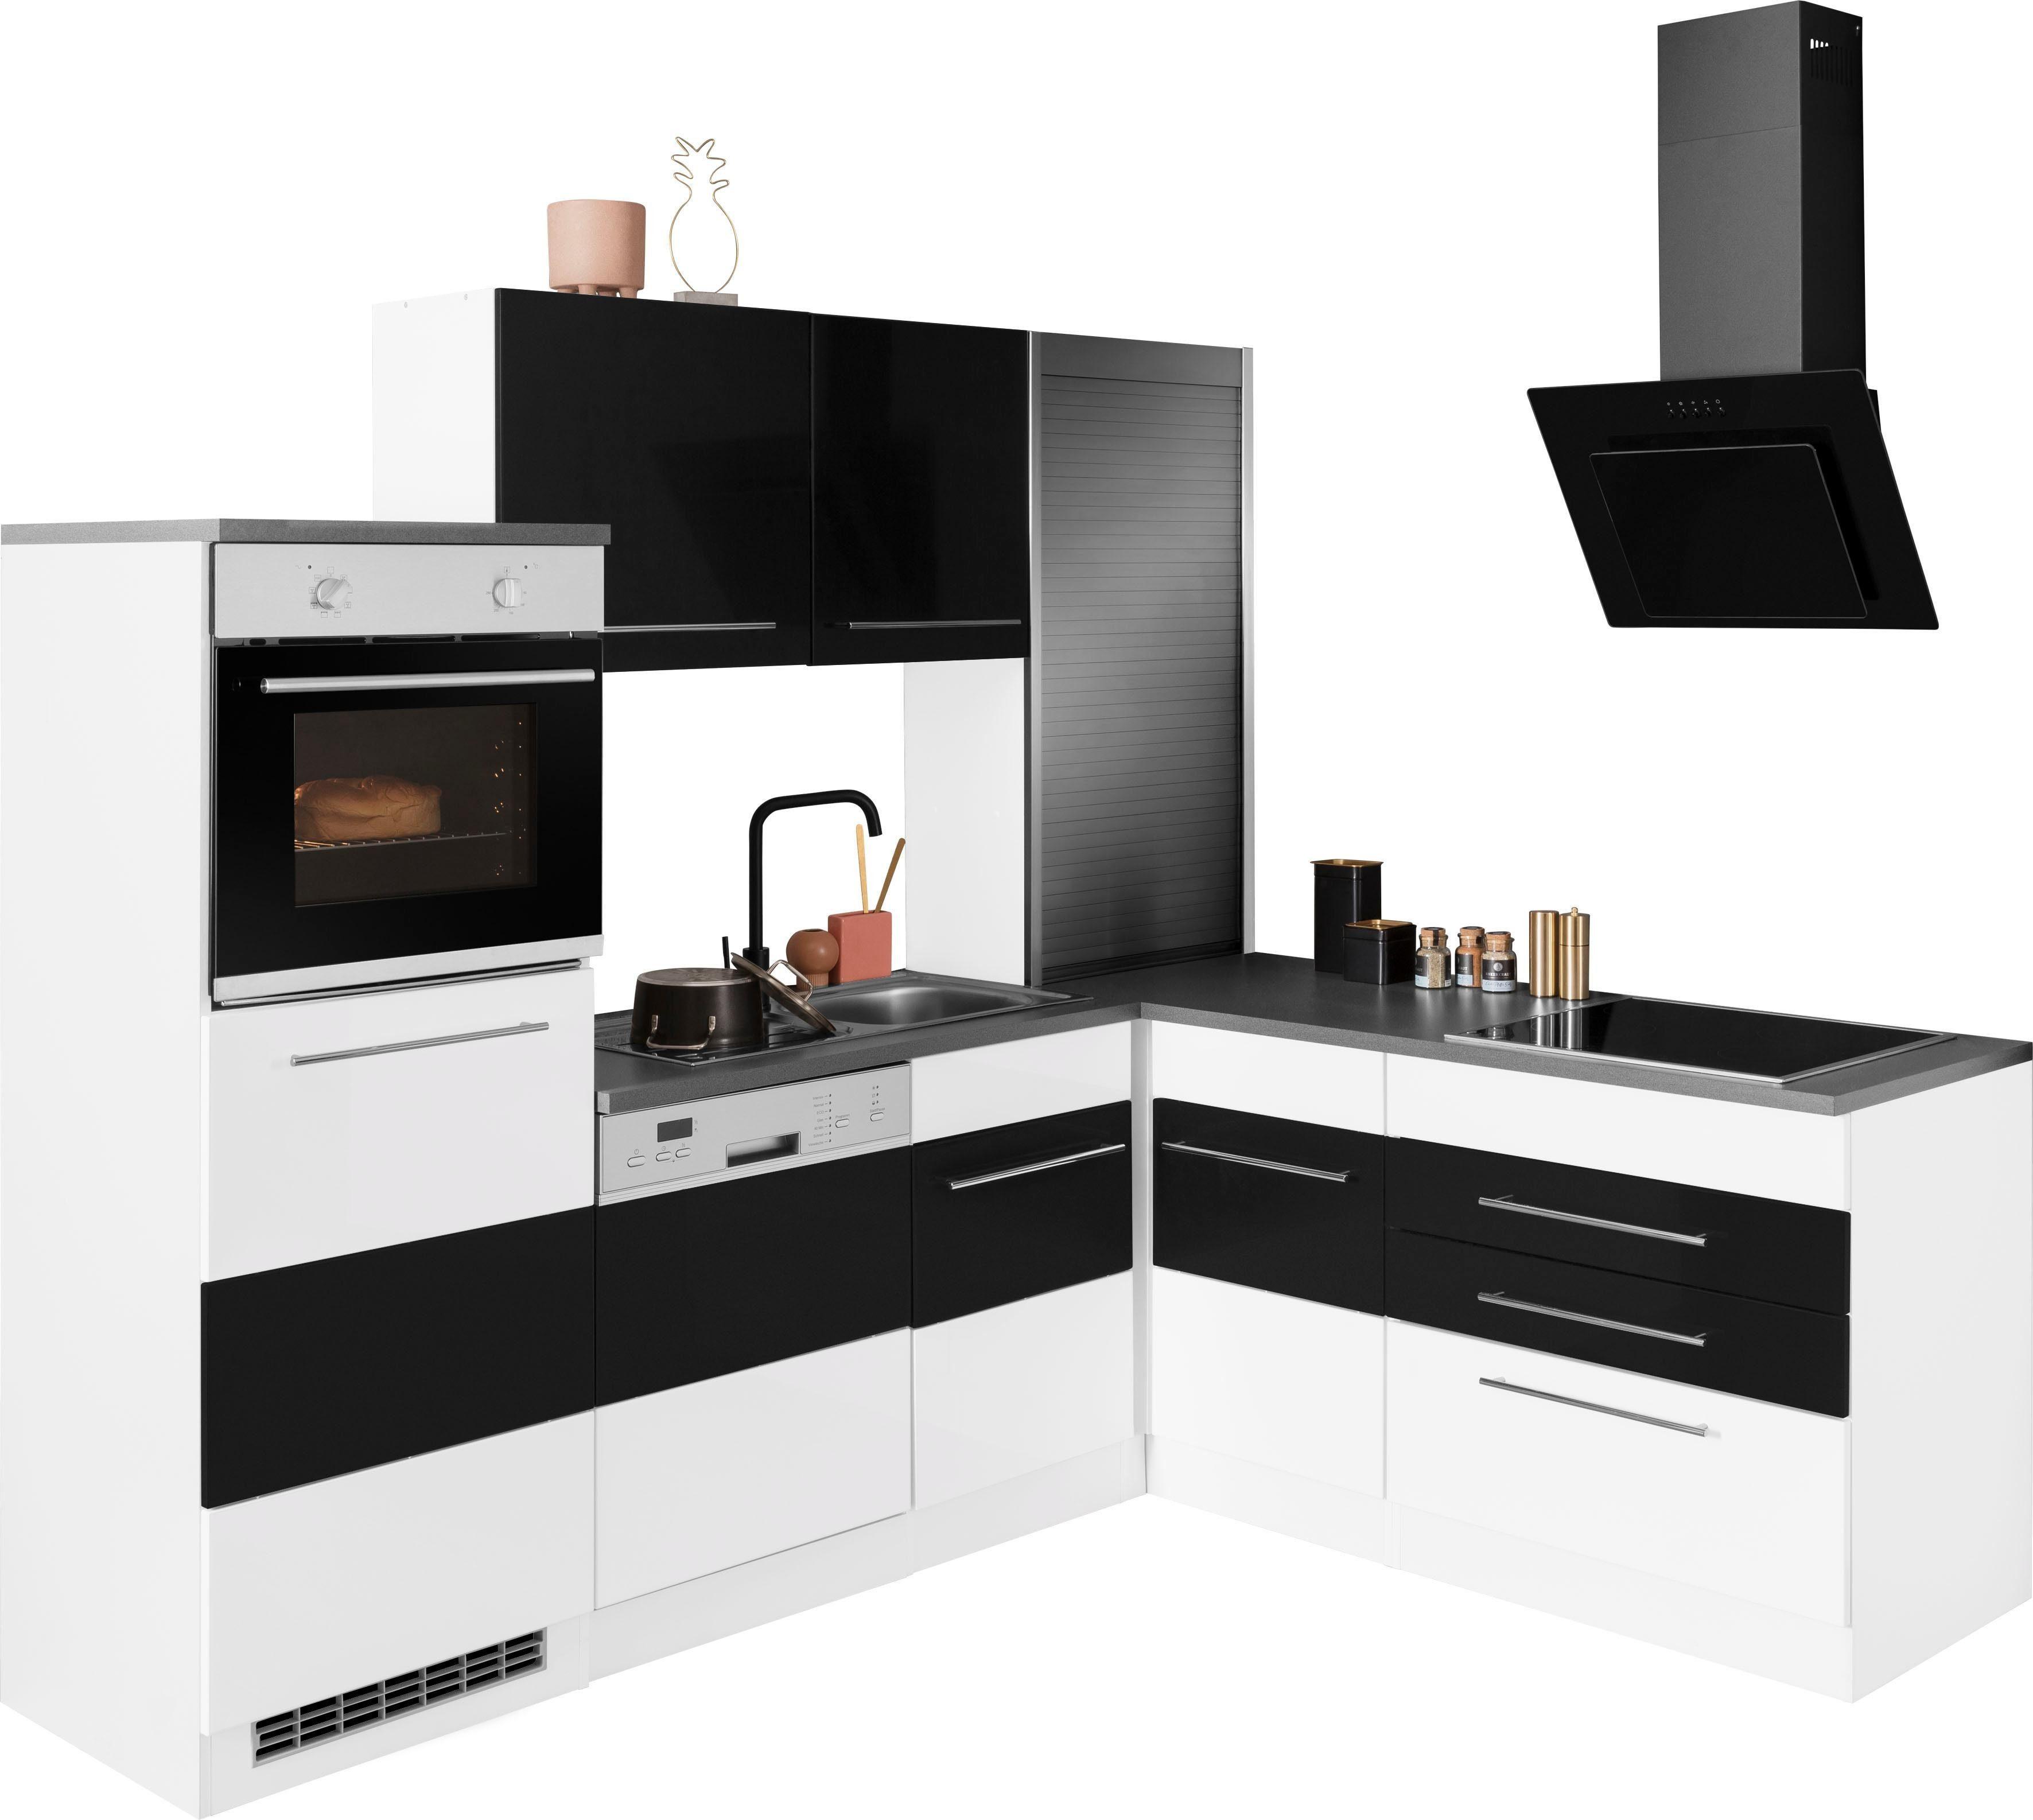 HELD MÖBEL Winkelküche Trient ohne E-Geräte Stellbreite 230/190 cm